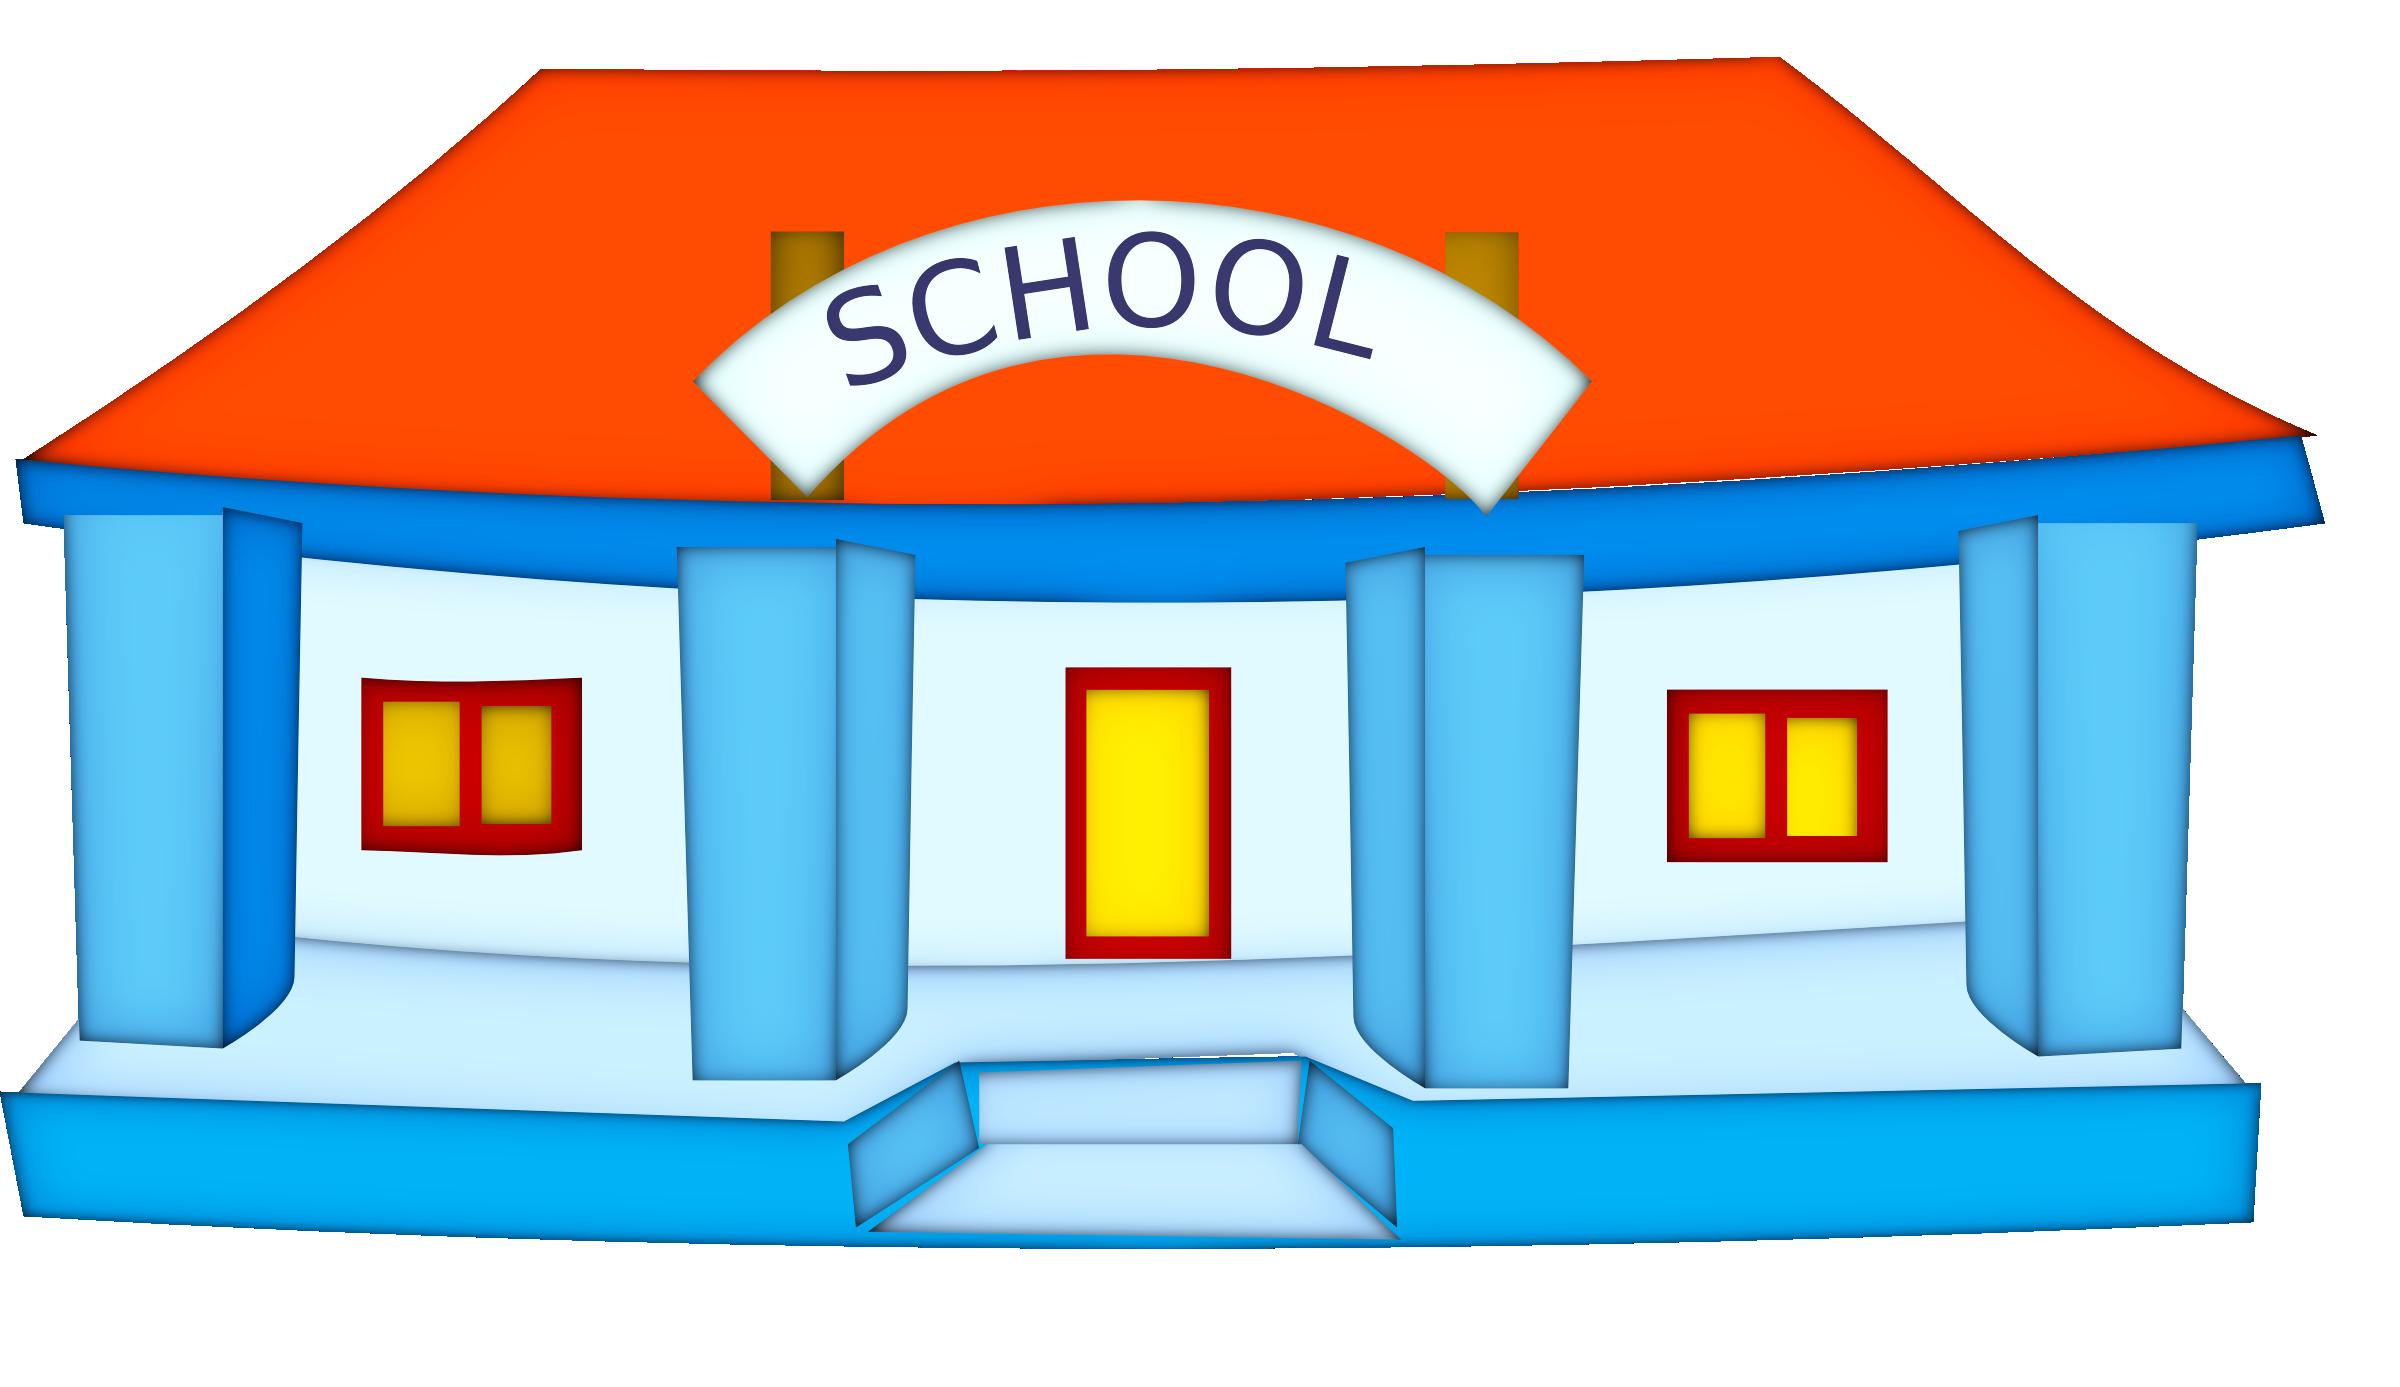 गरिबका छोराछोरीले सामुदायिक विद्यालयमै पढ्न पाएनन्